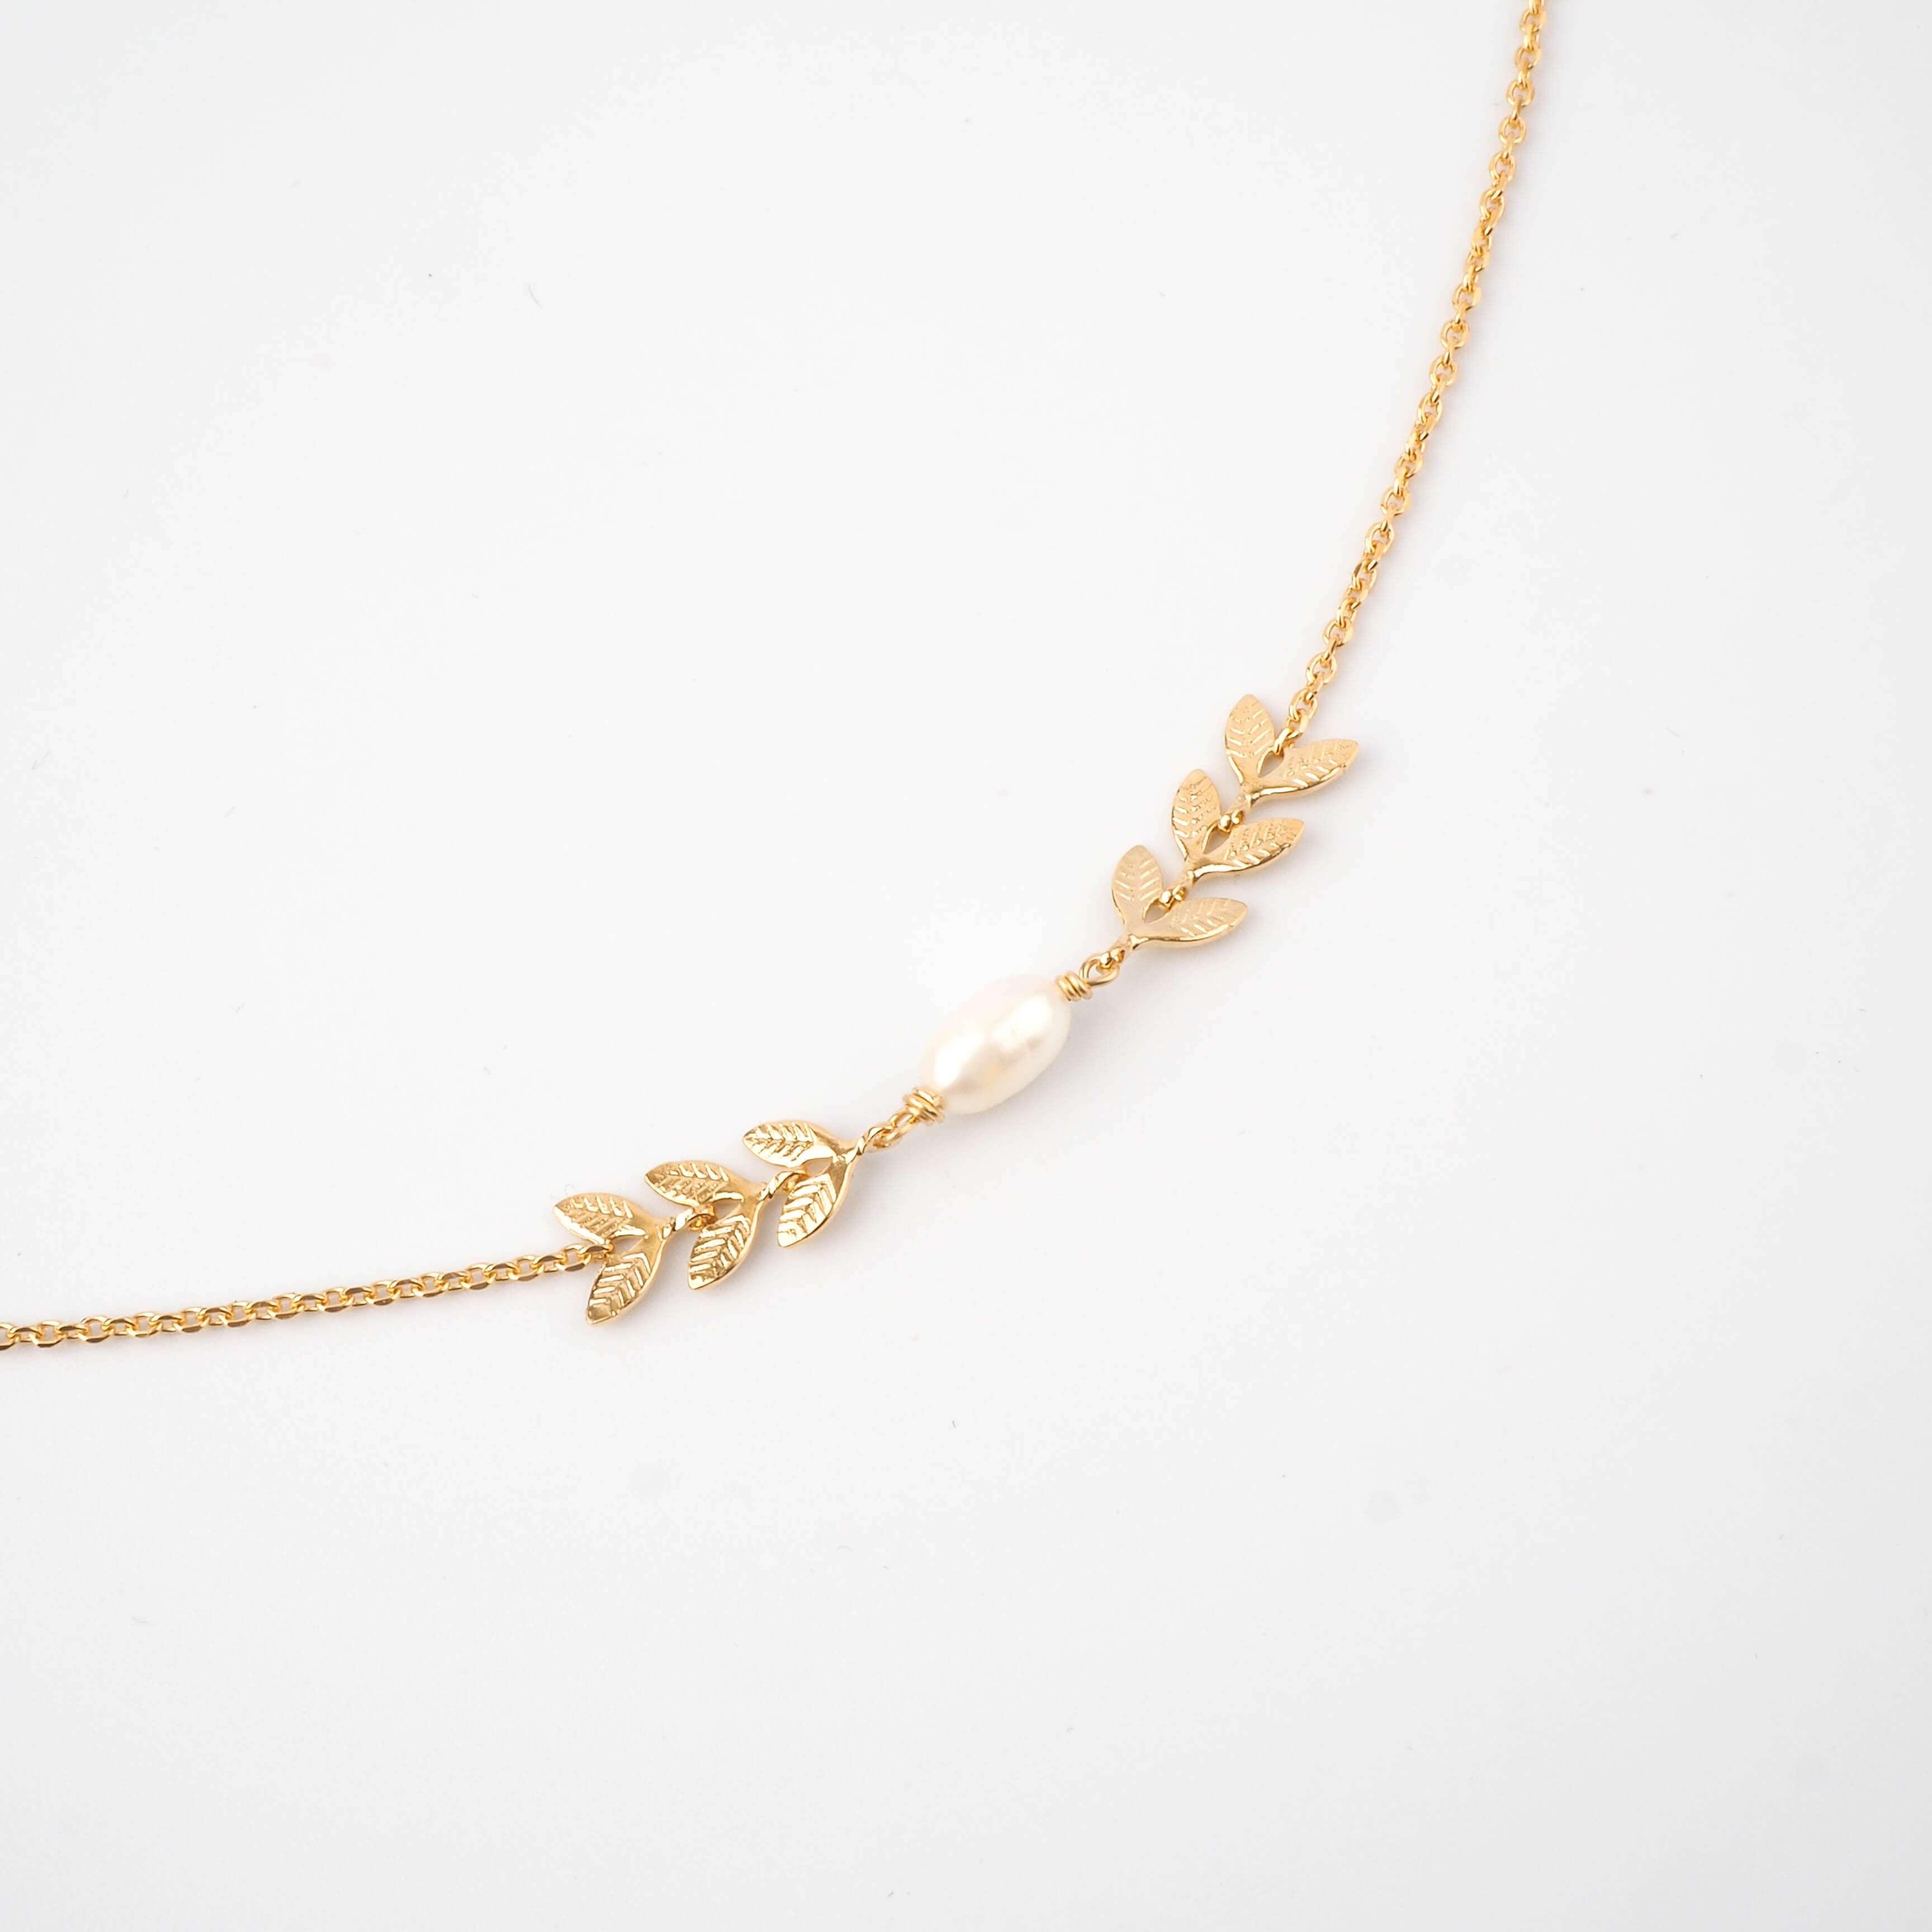 Collier épis perlé en plaqué or - Pomme Cannelle